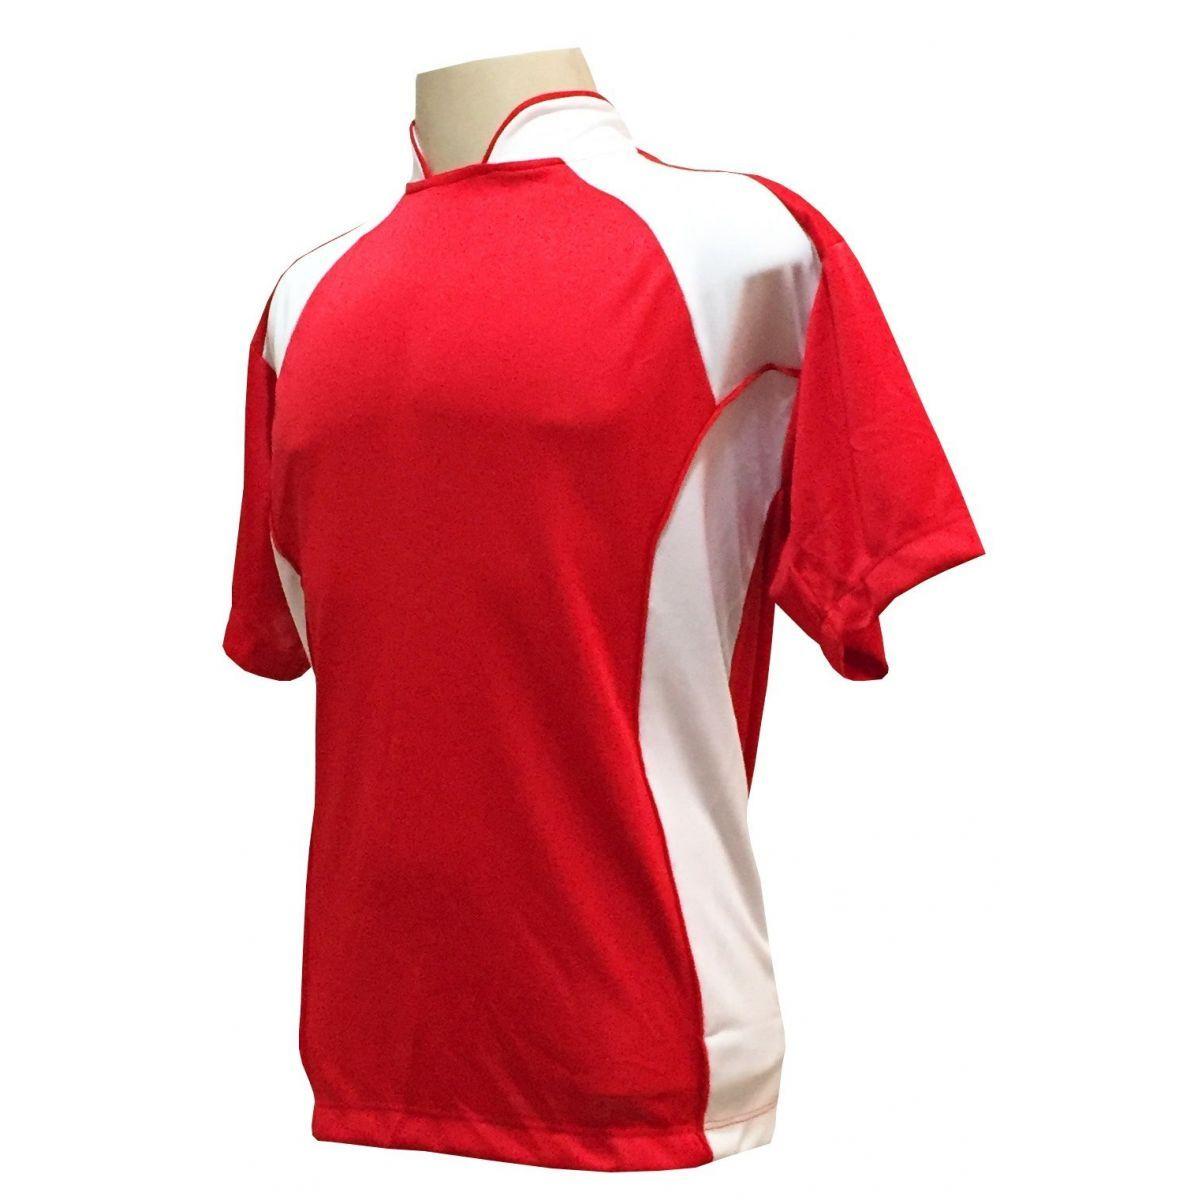 Jogo de Camisa com 14 unidades modelo Suécia Vermelho/Branco + 1 Camisa de Goleiro